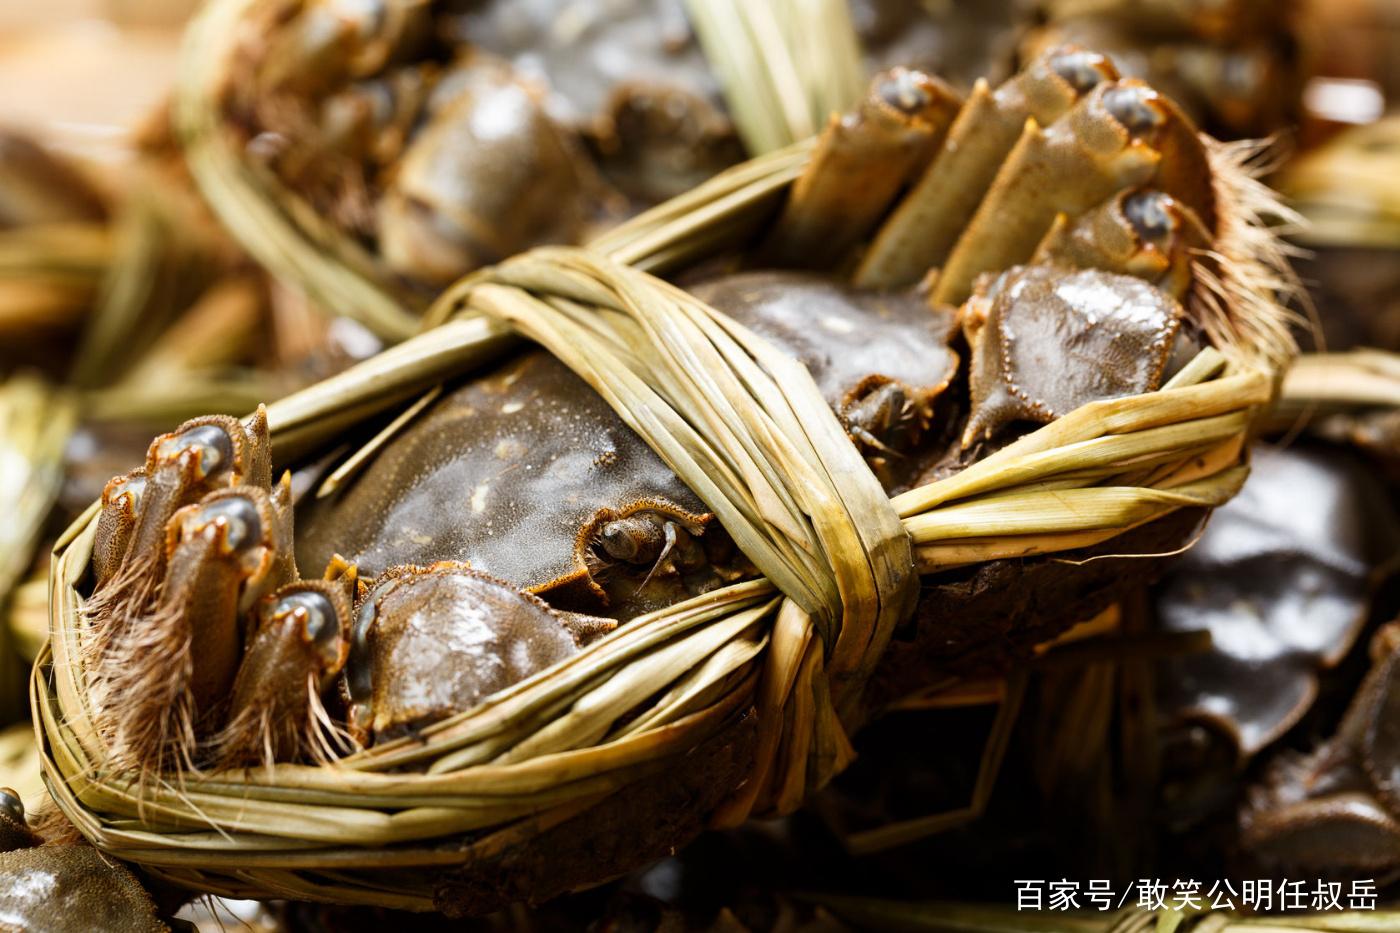 大闸蟹又名河蟹,我国很多地方都有,但阳澄湖的最出名而且昂贵